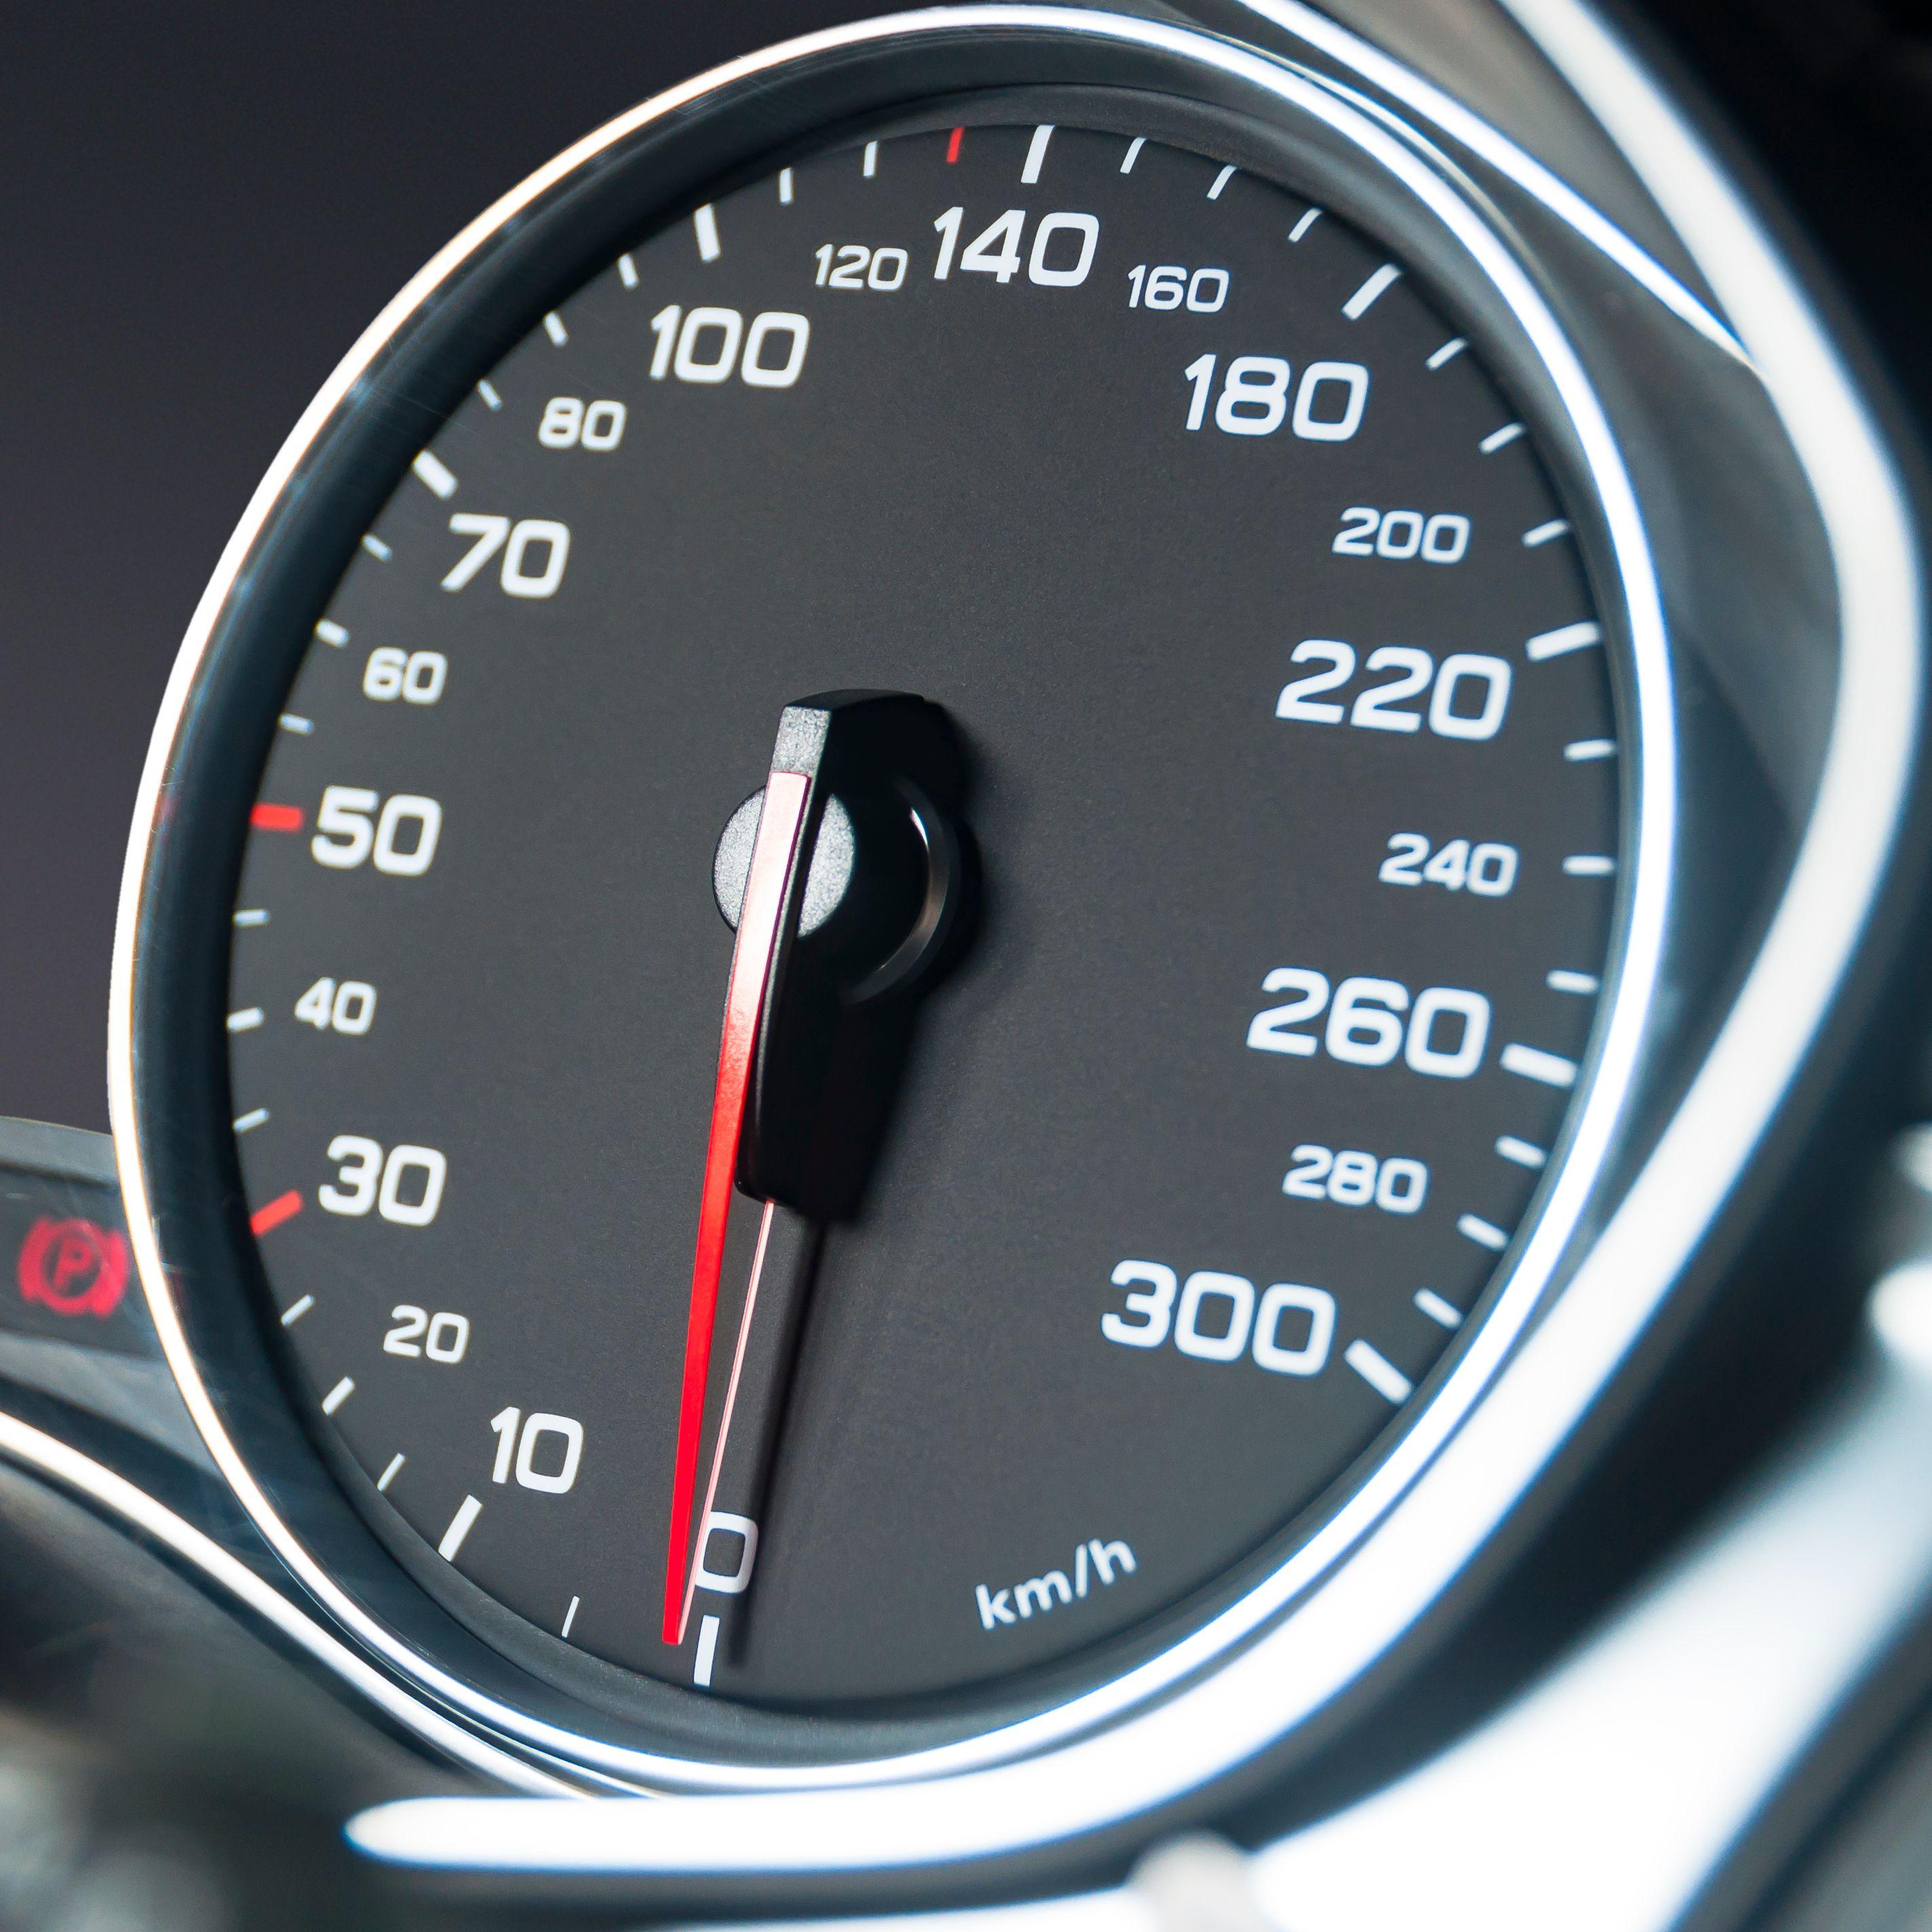 Diesel Versus Gas Mileage: Which Fuel Gets Better Economy